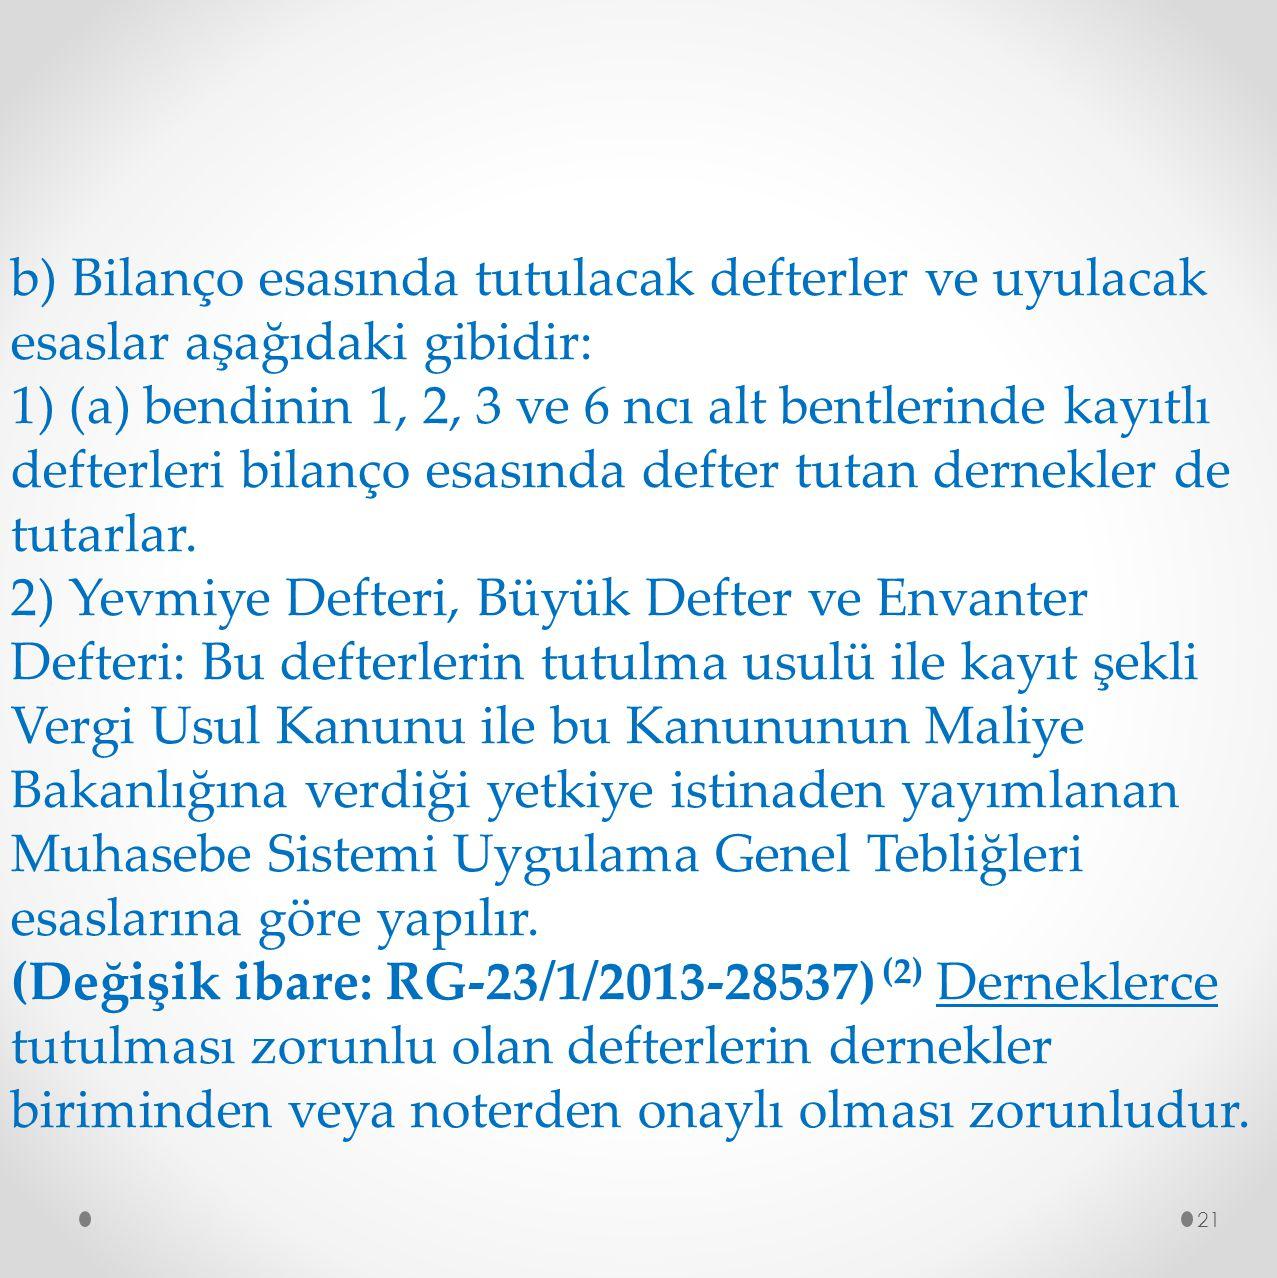 b) Bilanço esasında tutulacak defterler ve uyulacak esaslar aşağıdaki gibidir: